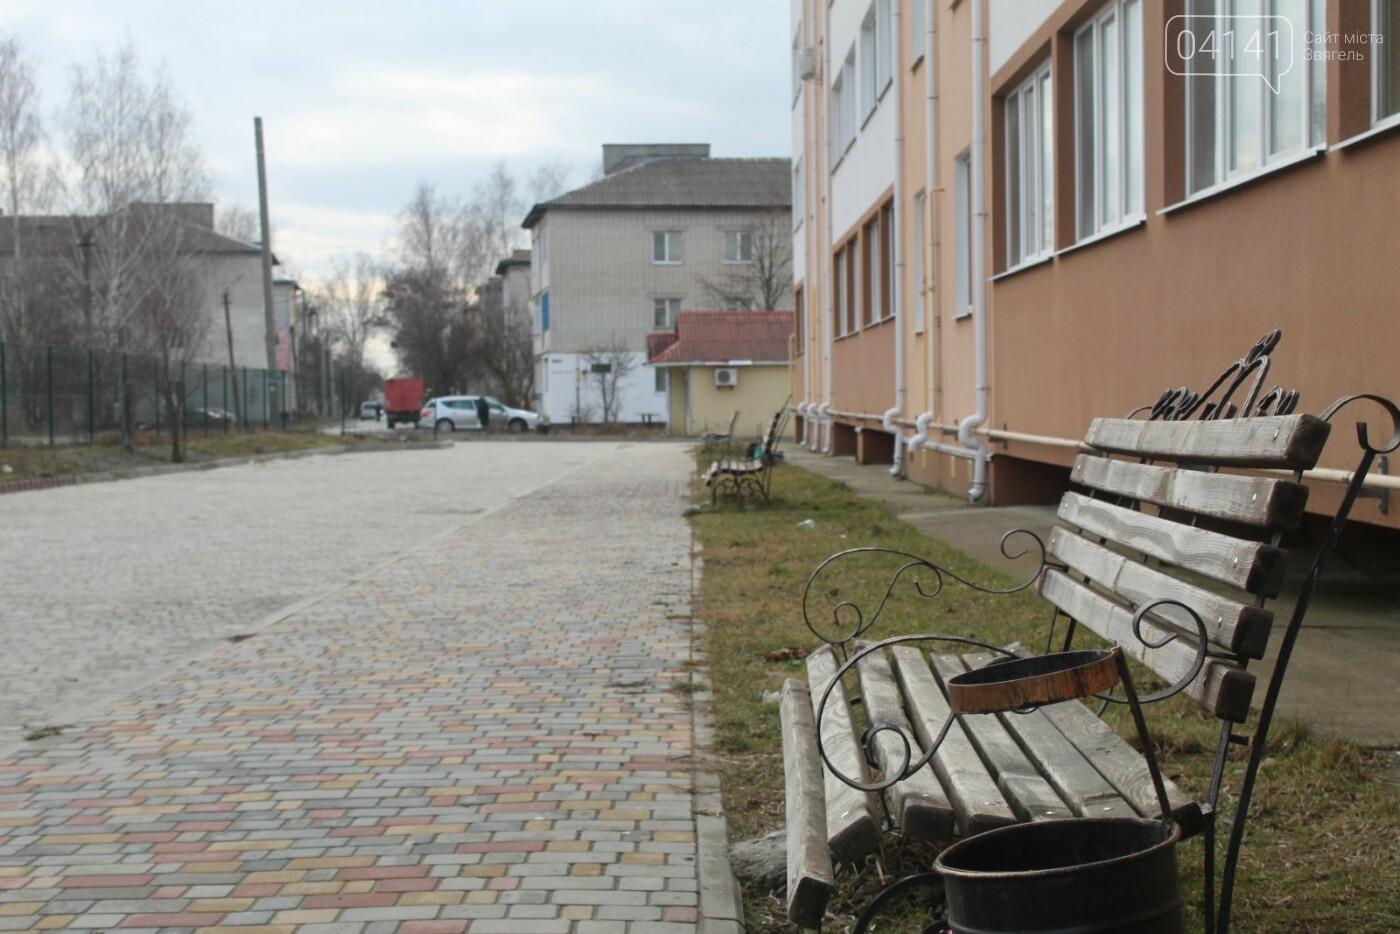 Як виглядають новобудови Новограда-Волинського (ФОТОРЕПОРТАЖ), фото-4